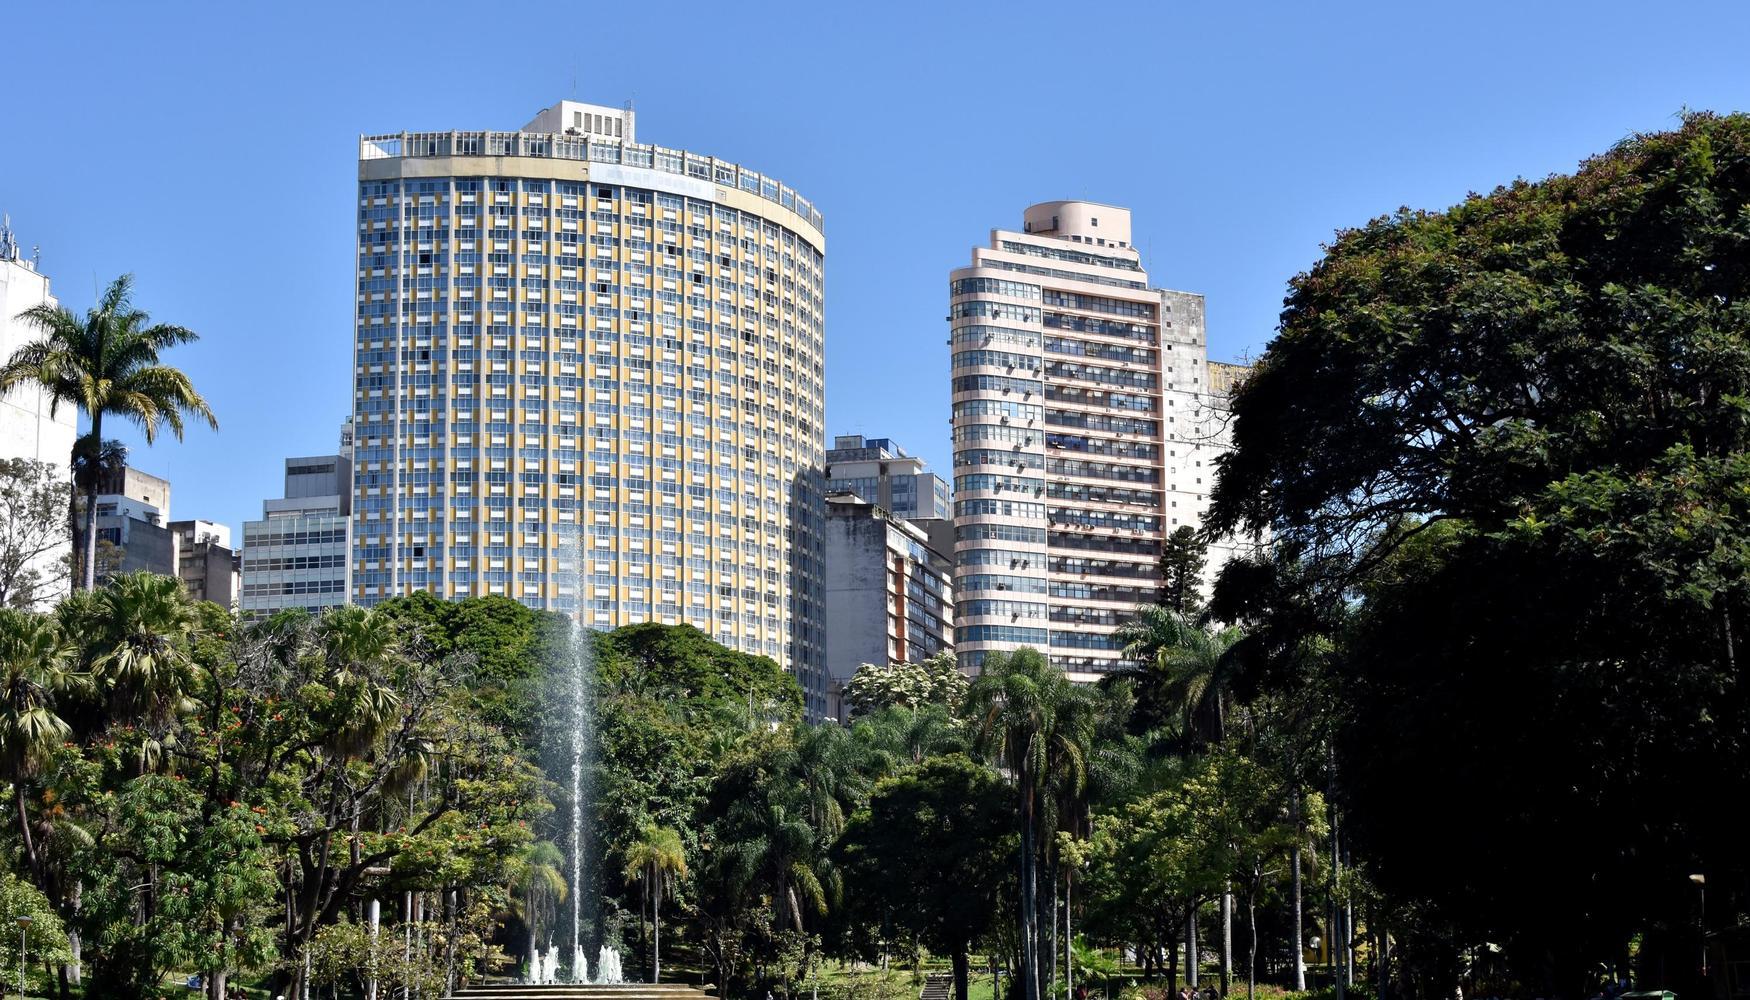 Alquiler de coches en Aeropuerto Belo Horizonte Tancredo Neves Intl